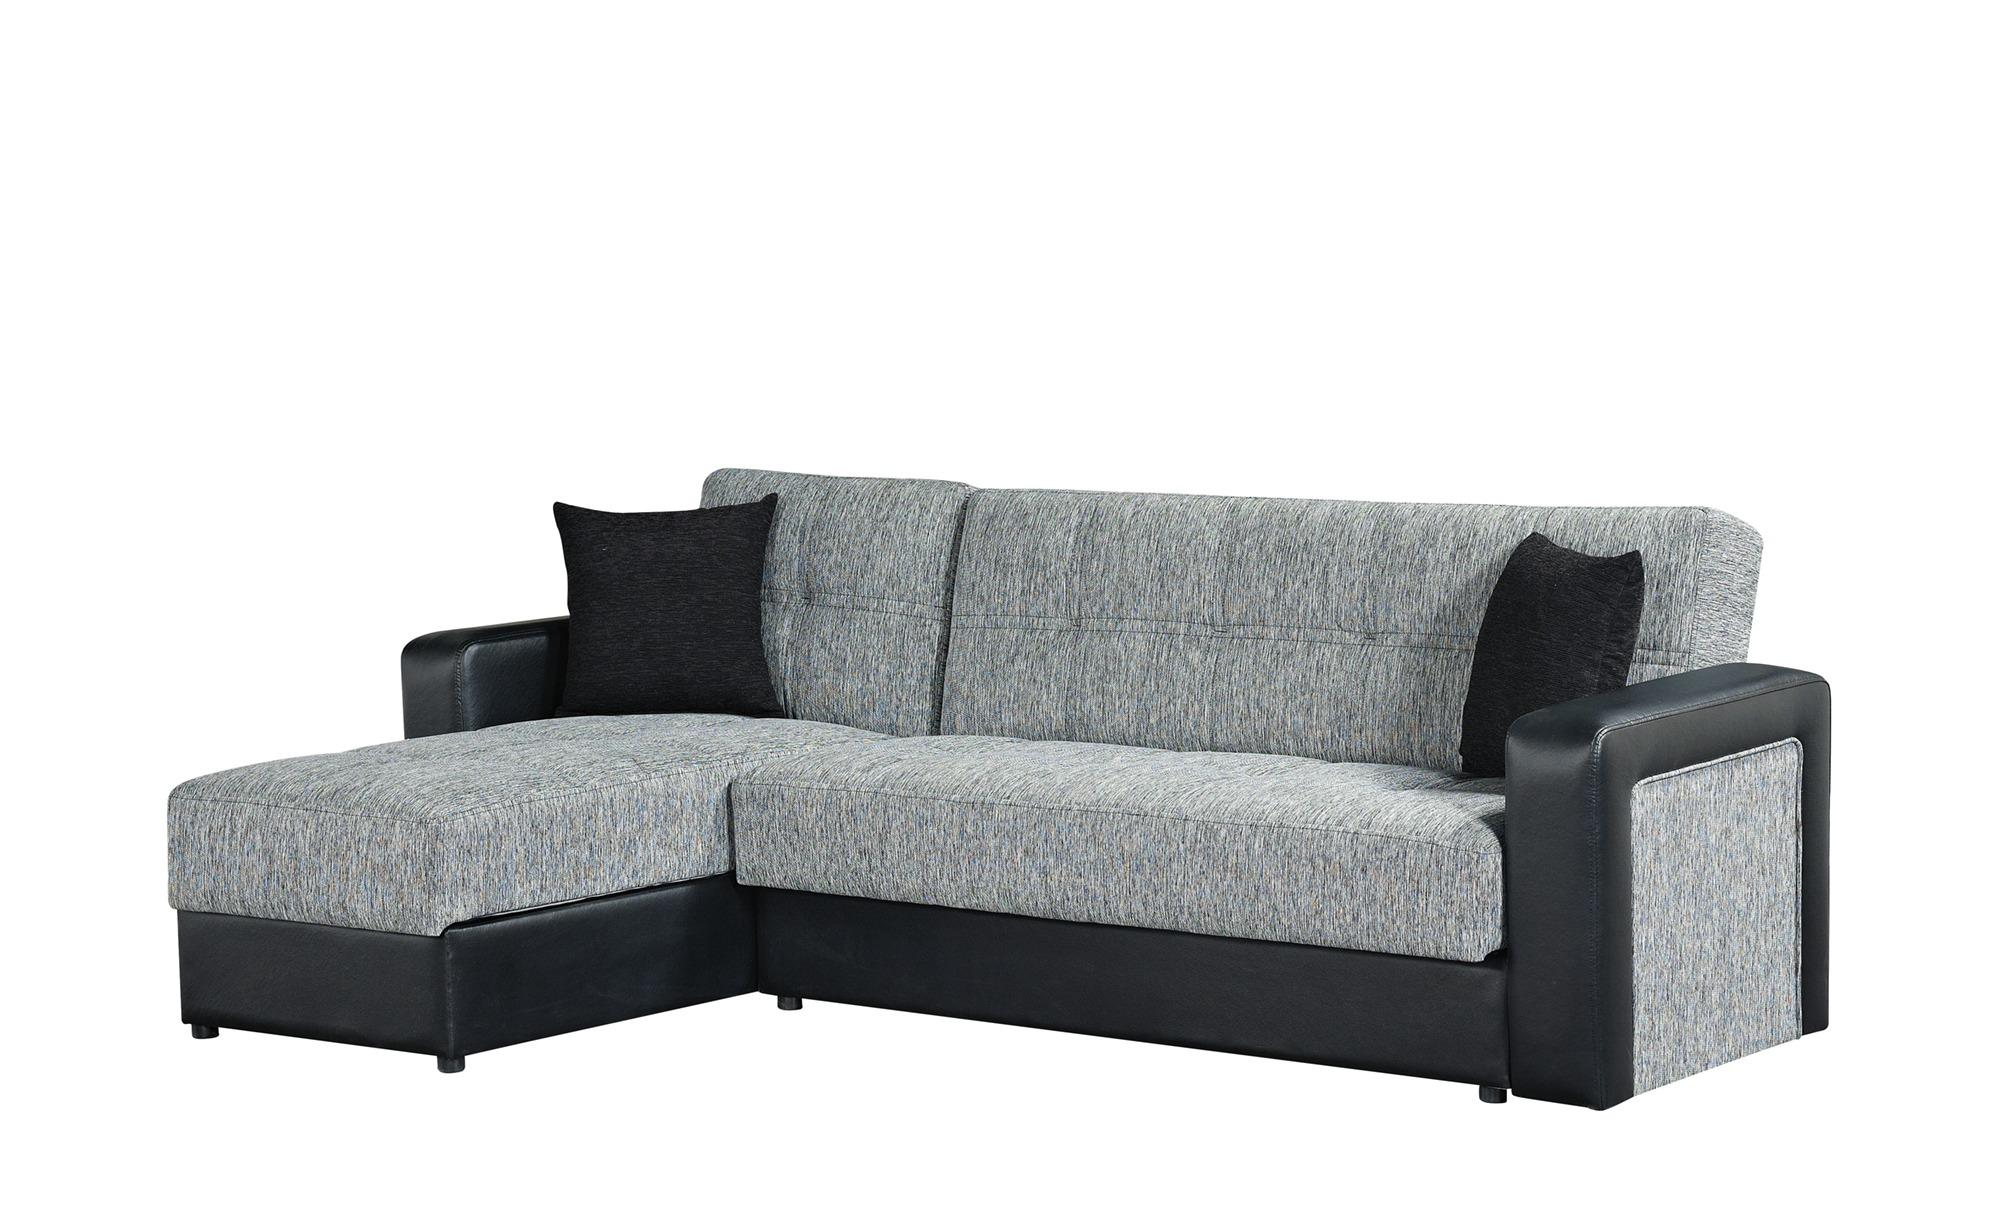 Full Size of Sofa Mit Schlaffunktion Barbara Mbel Hffner Online Kaufen 3 Sitzer Relaxfunktion Abnehmbaren Bezug Konfigurator Günstige Ligne Roset Big Leder Tom Tailor Sofa Sofa Schlaffunktion